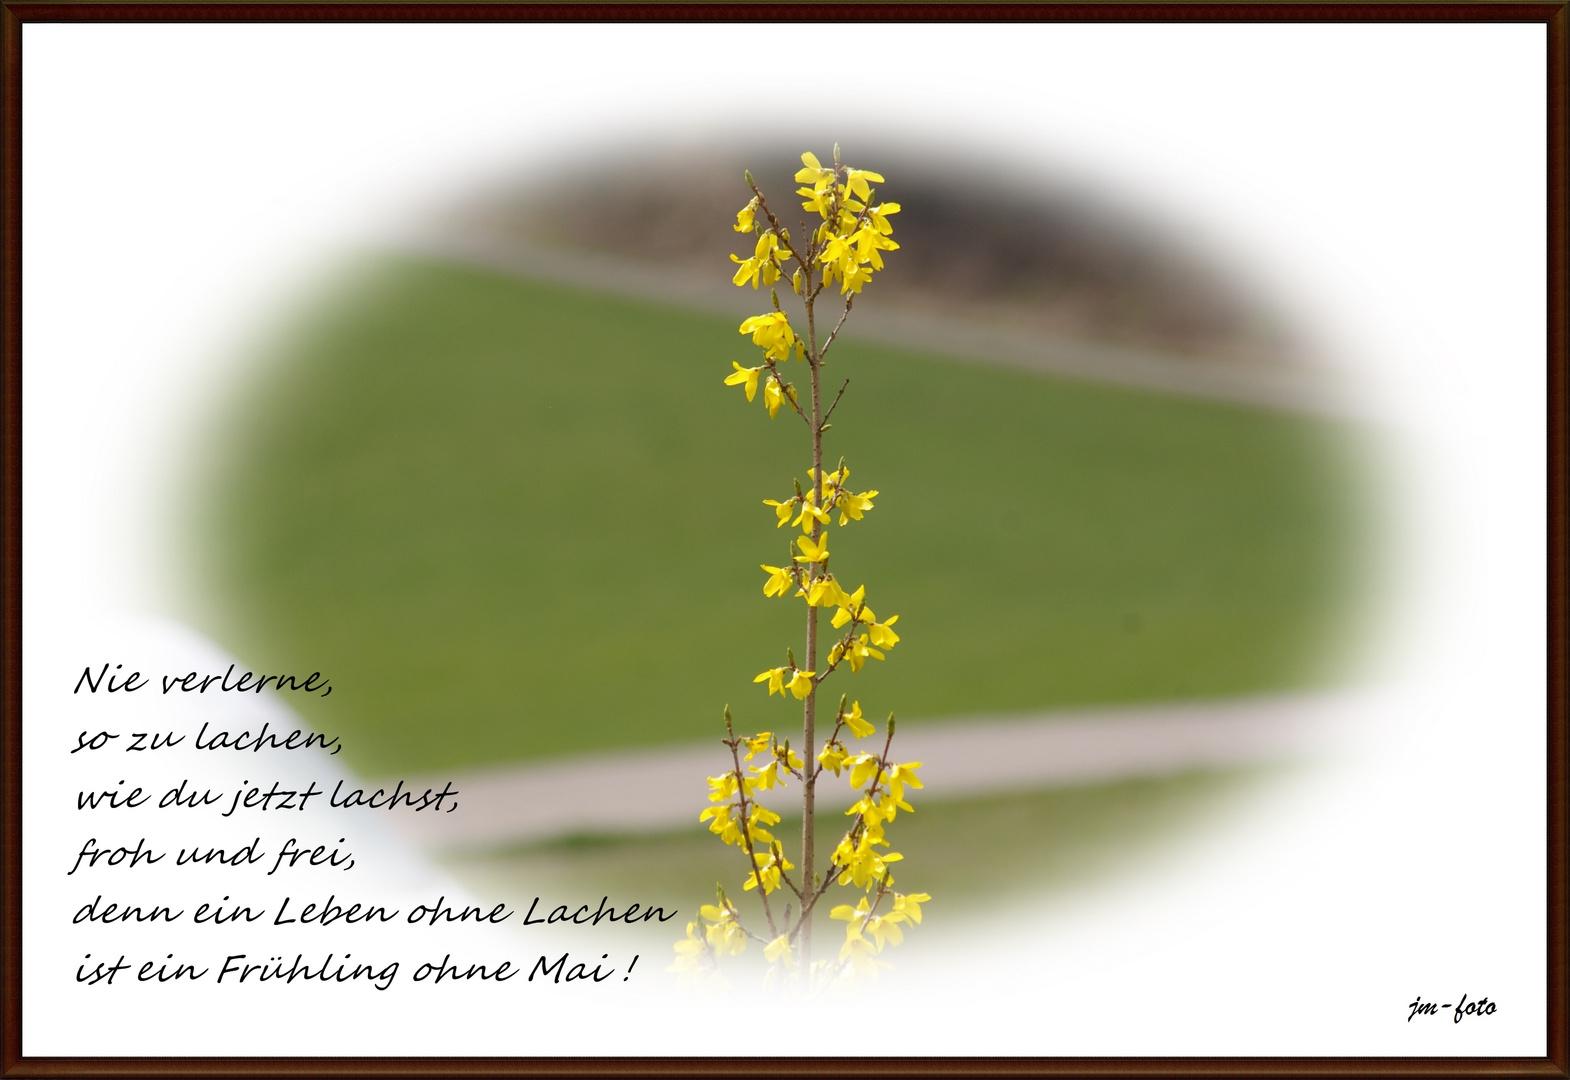 Nie Verlerne So Zu Lachen Foto Bild Gratulation Und Feiertage Wunsche Allgemein Spruch Und Bilder Bilder Auf Fotocommunity